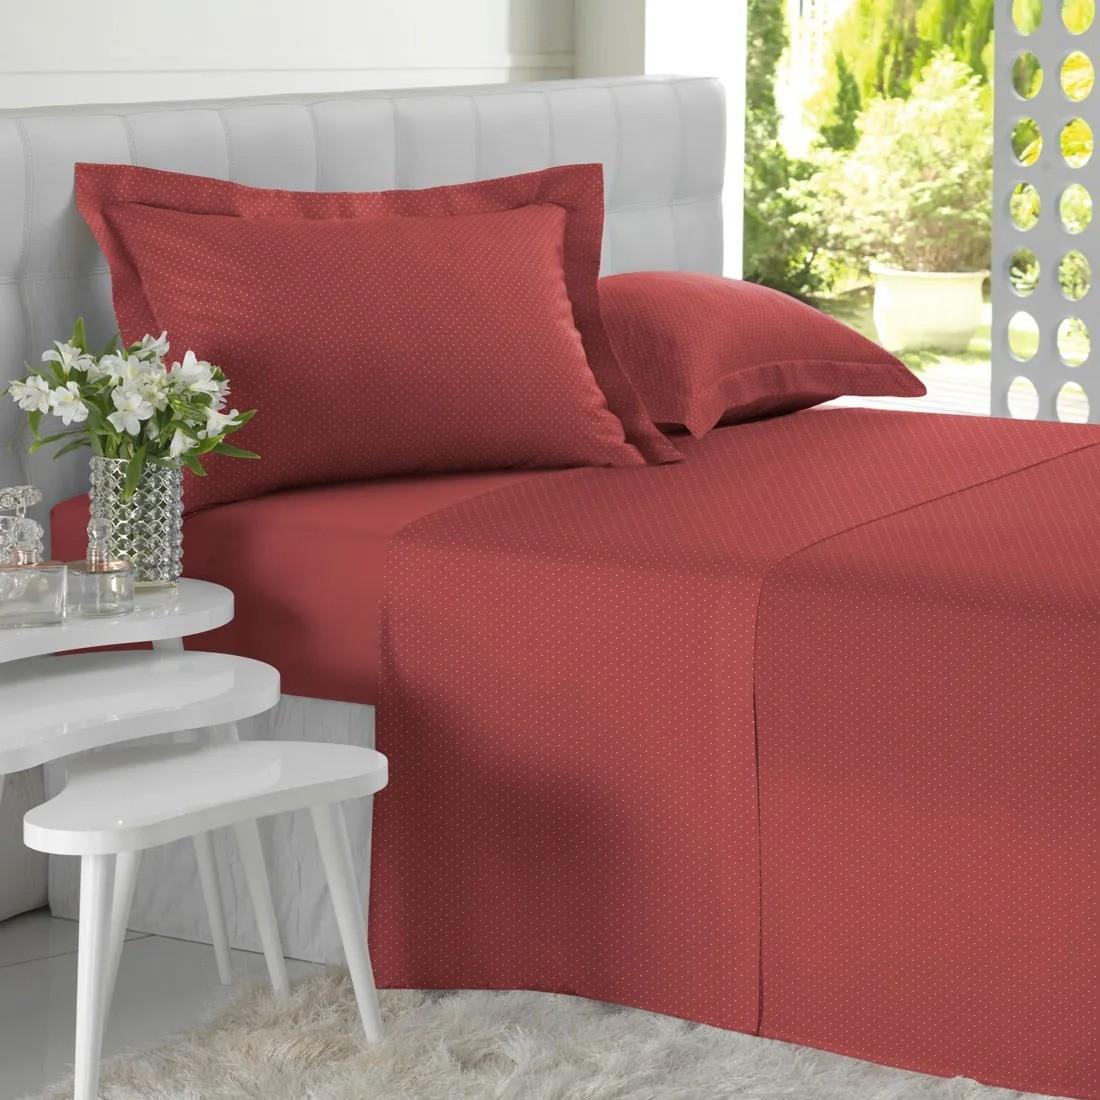 Jogo de cama casal all desing mini poá vermelho - Altenburg